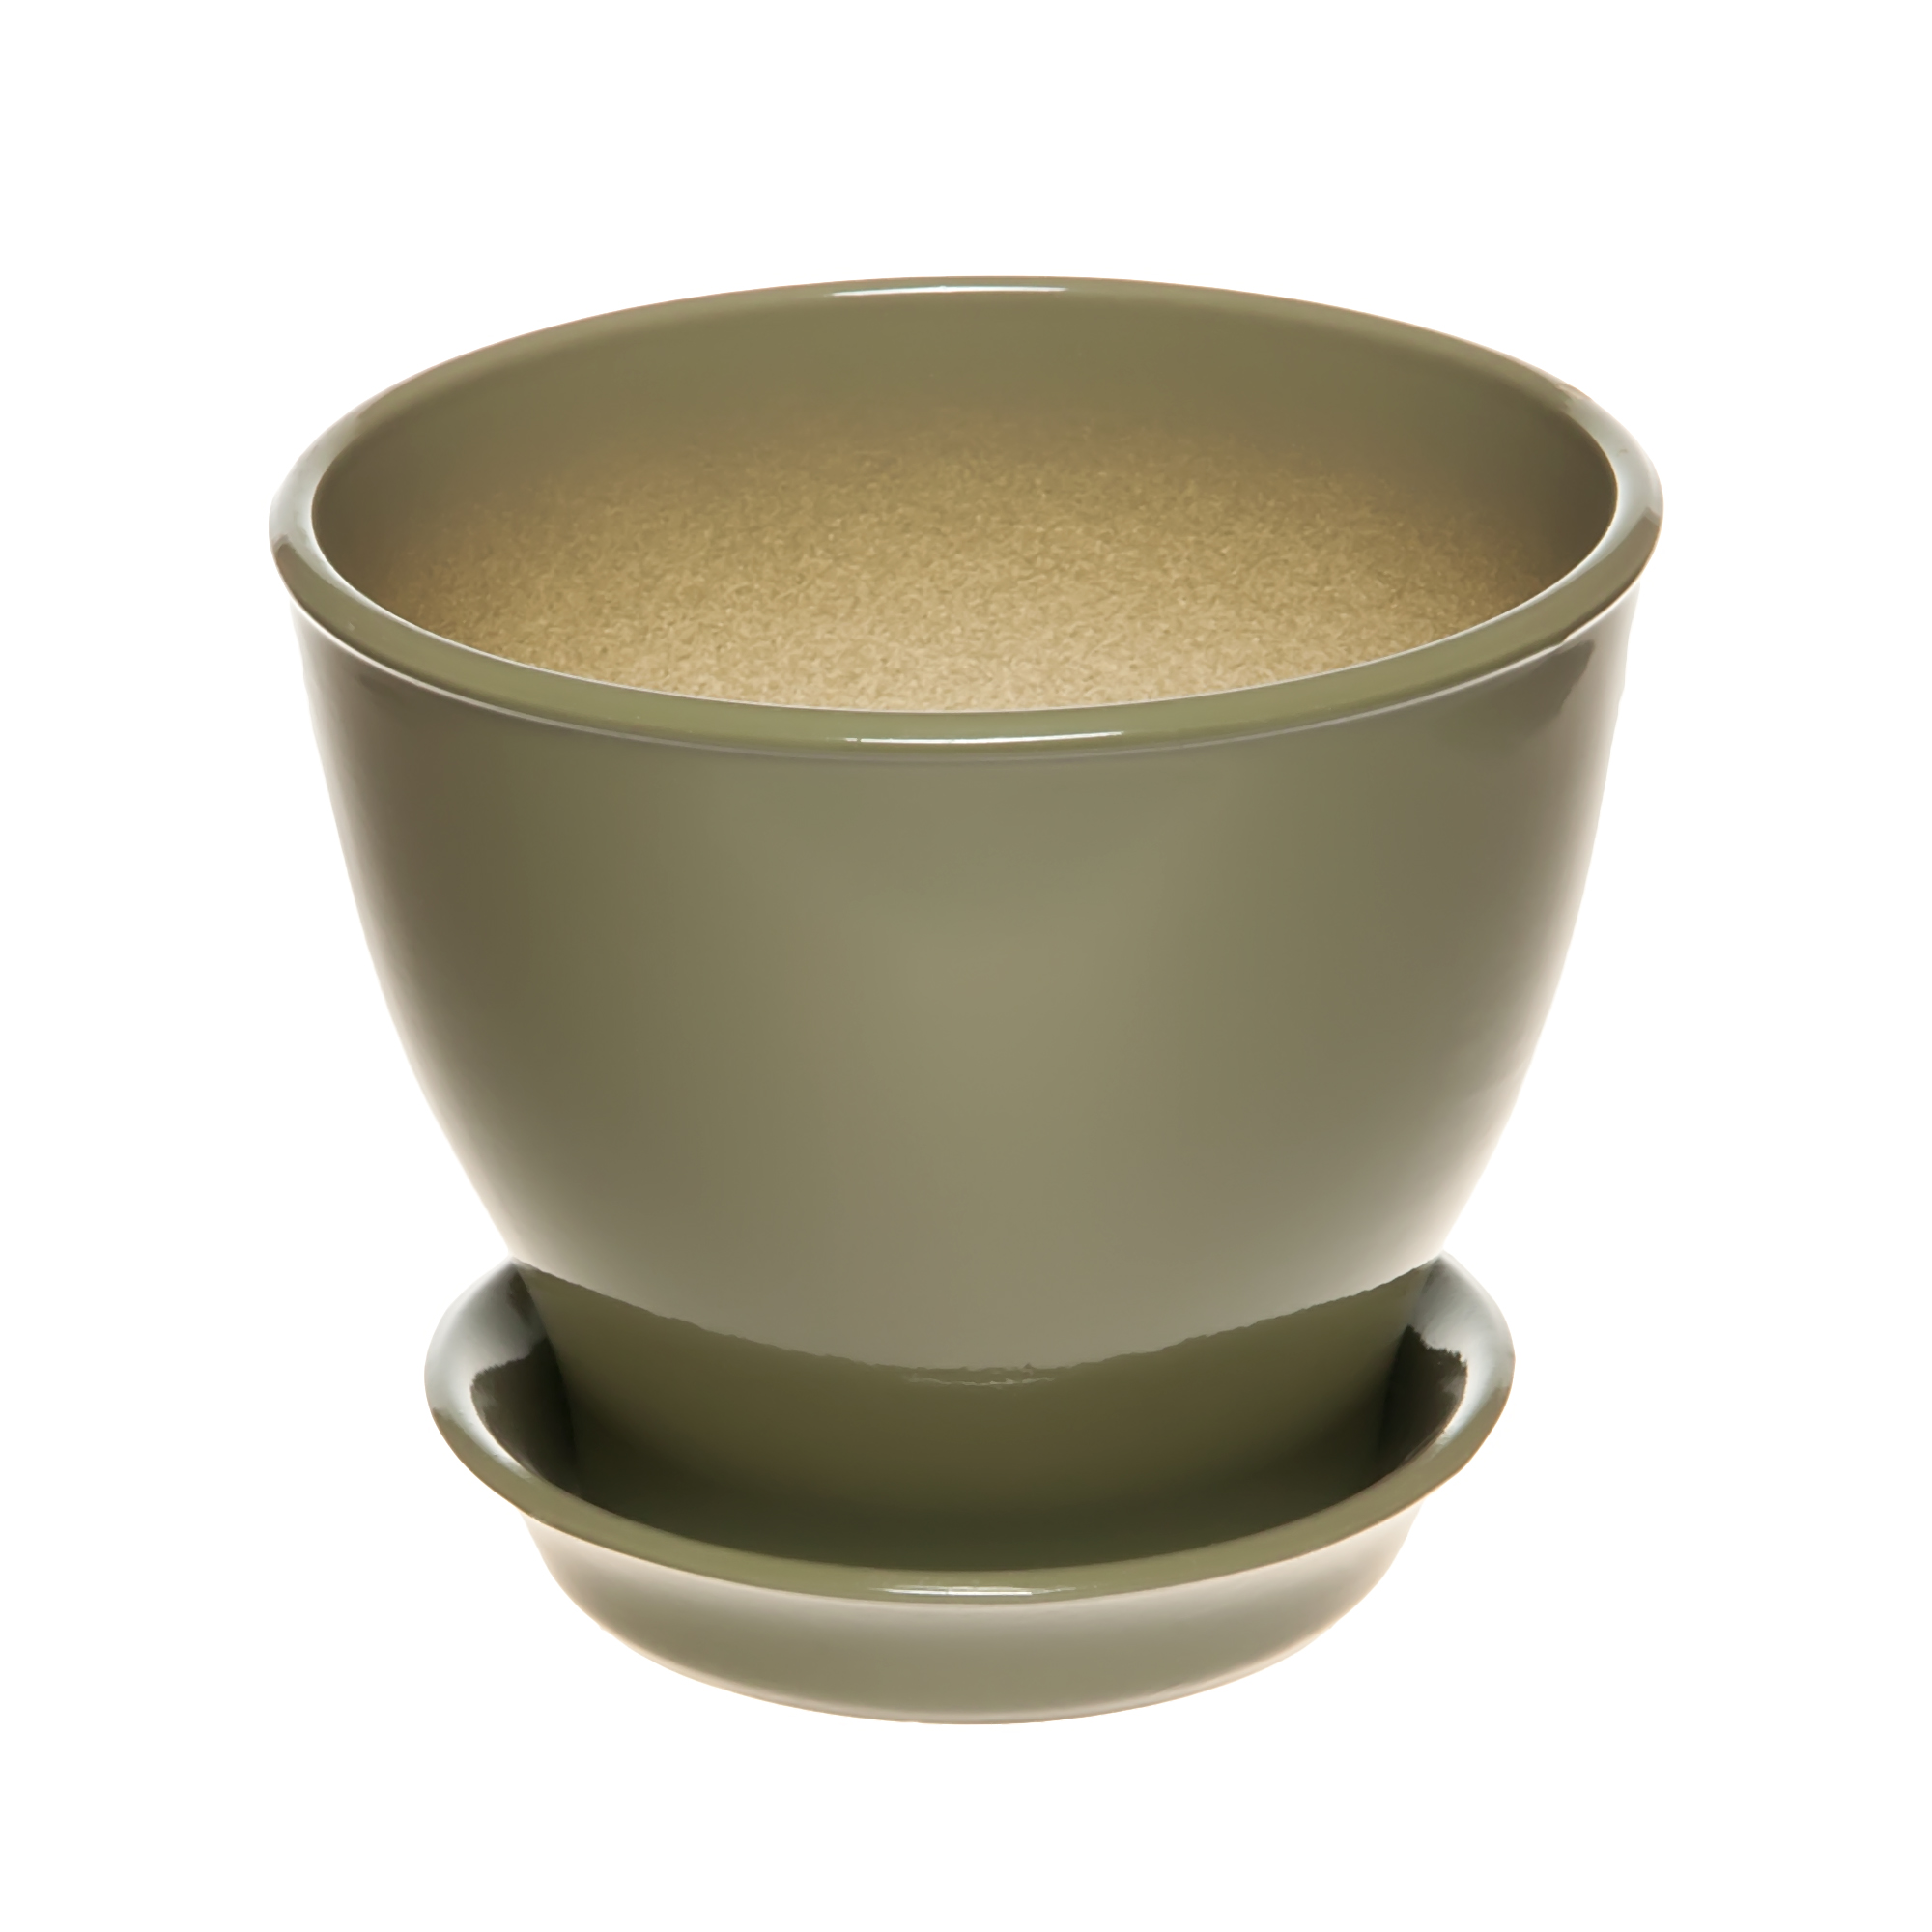 Фото - Горшок Керам Ксения глянец оливковый 15 см горшок с поддоном керамический для цветов керам ксения глянец зеленый 9см